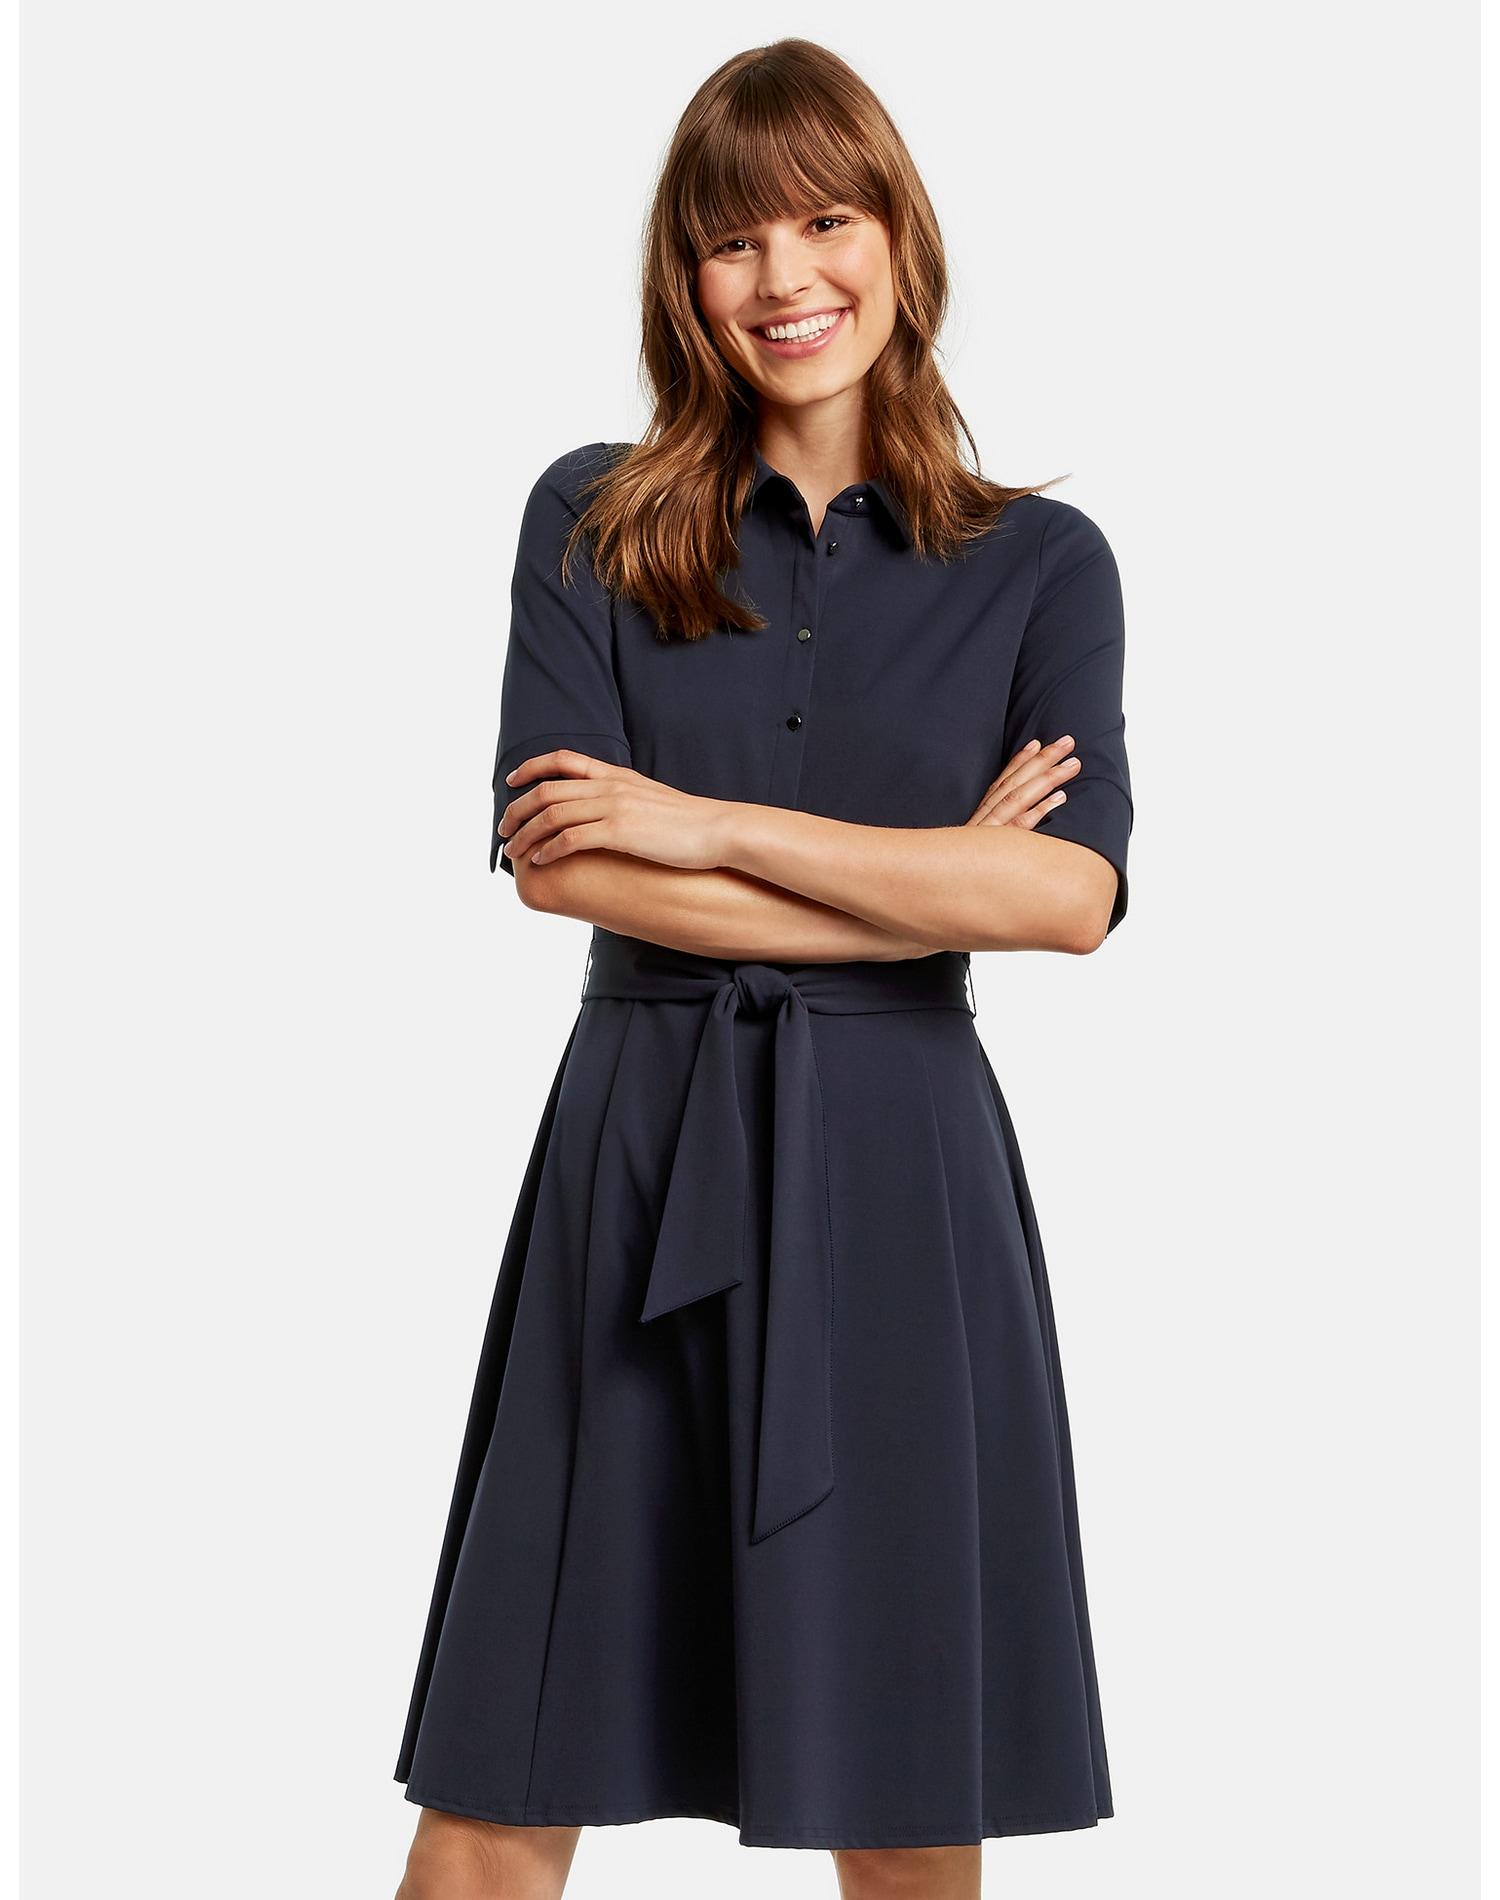 taifun -  Kleid Langarm kurz Hemdblusenkleid aus Stretch-Qualität